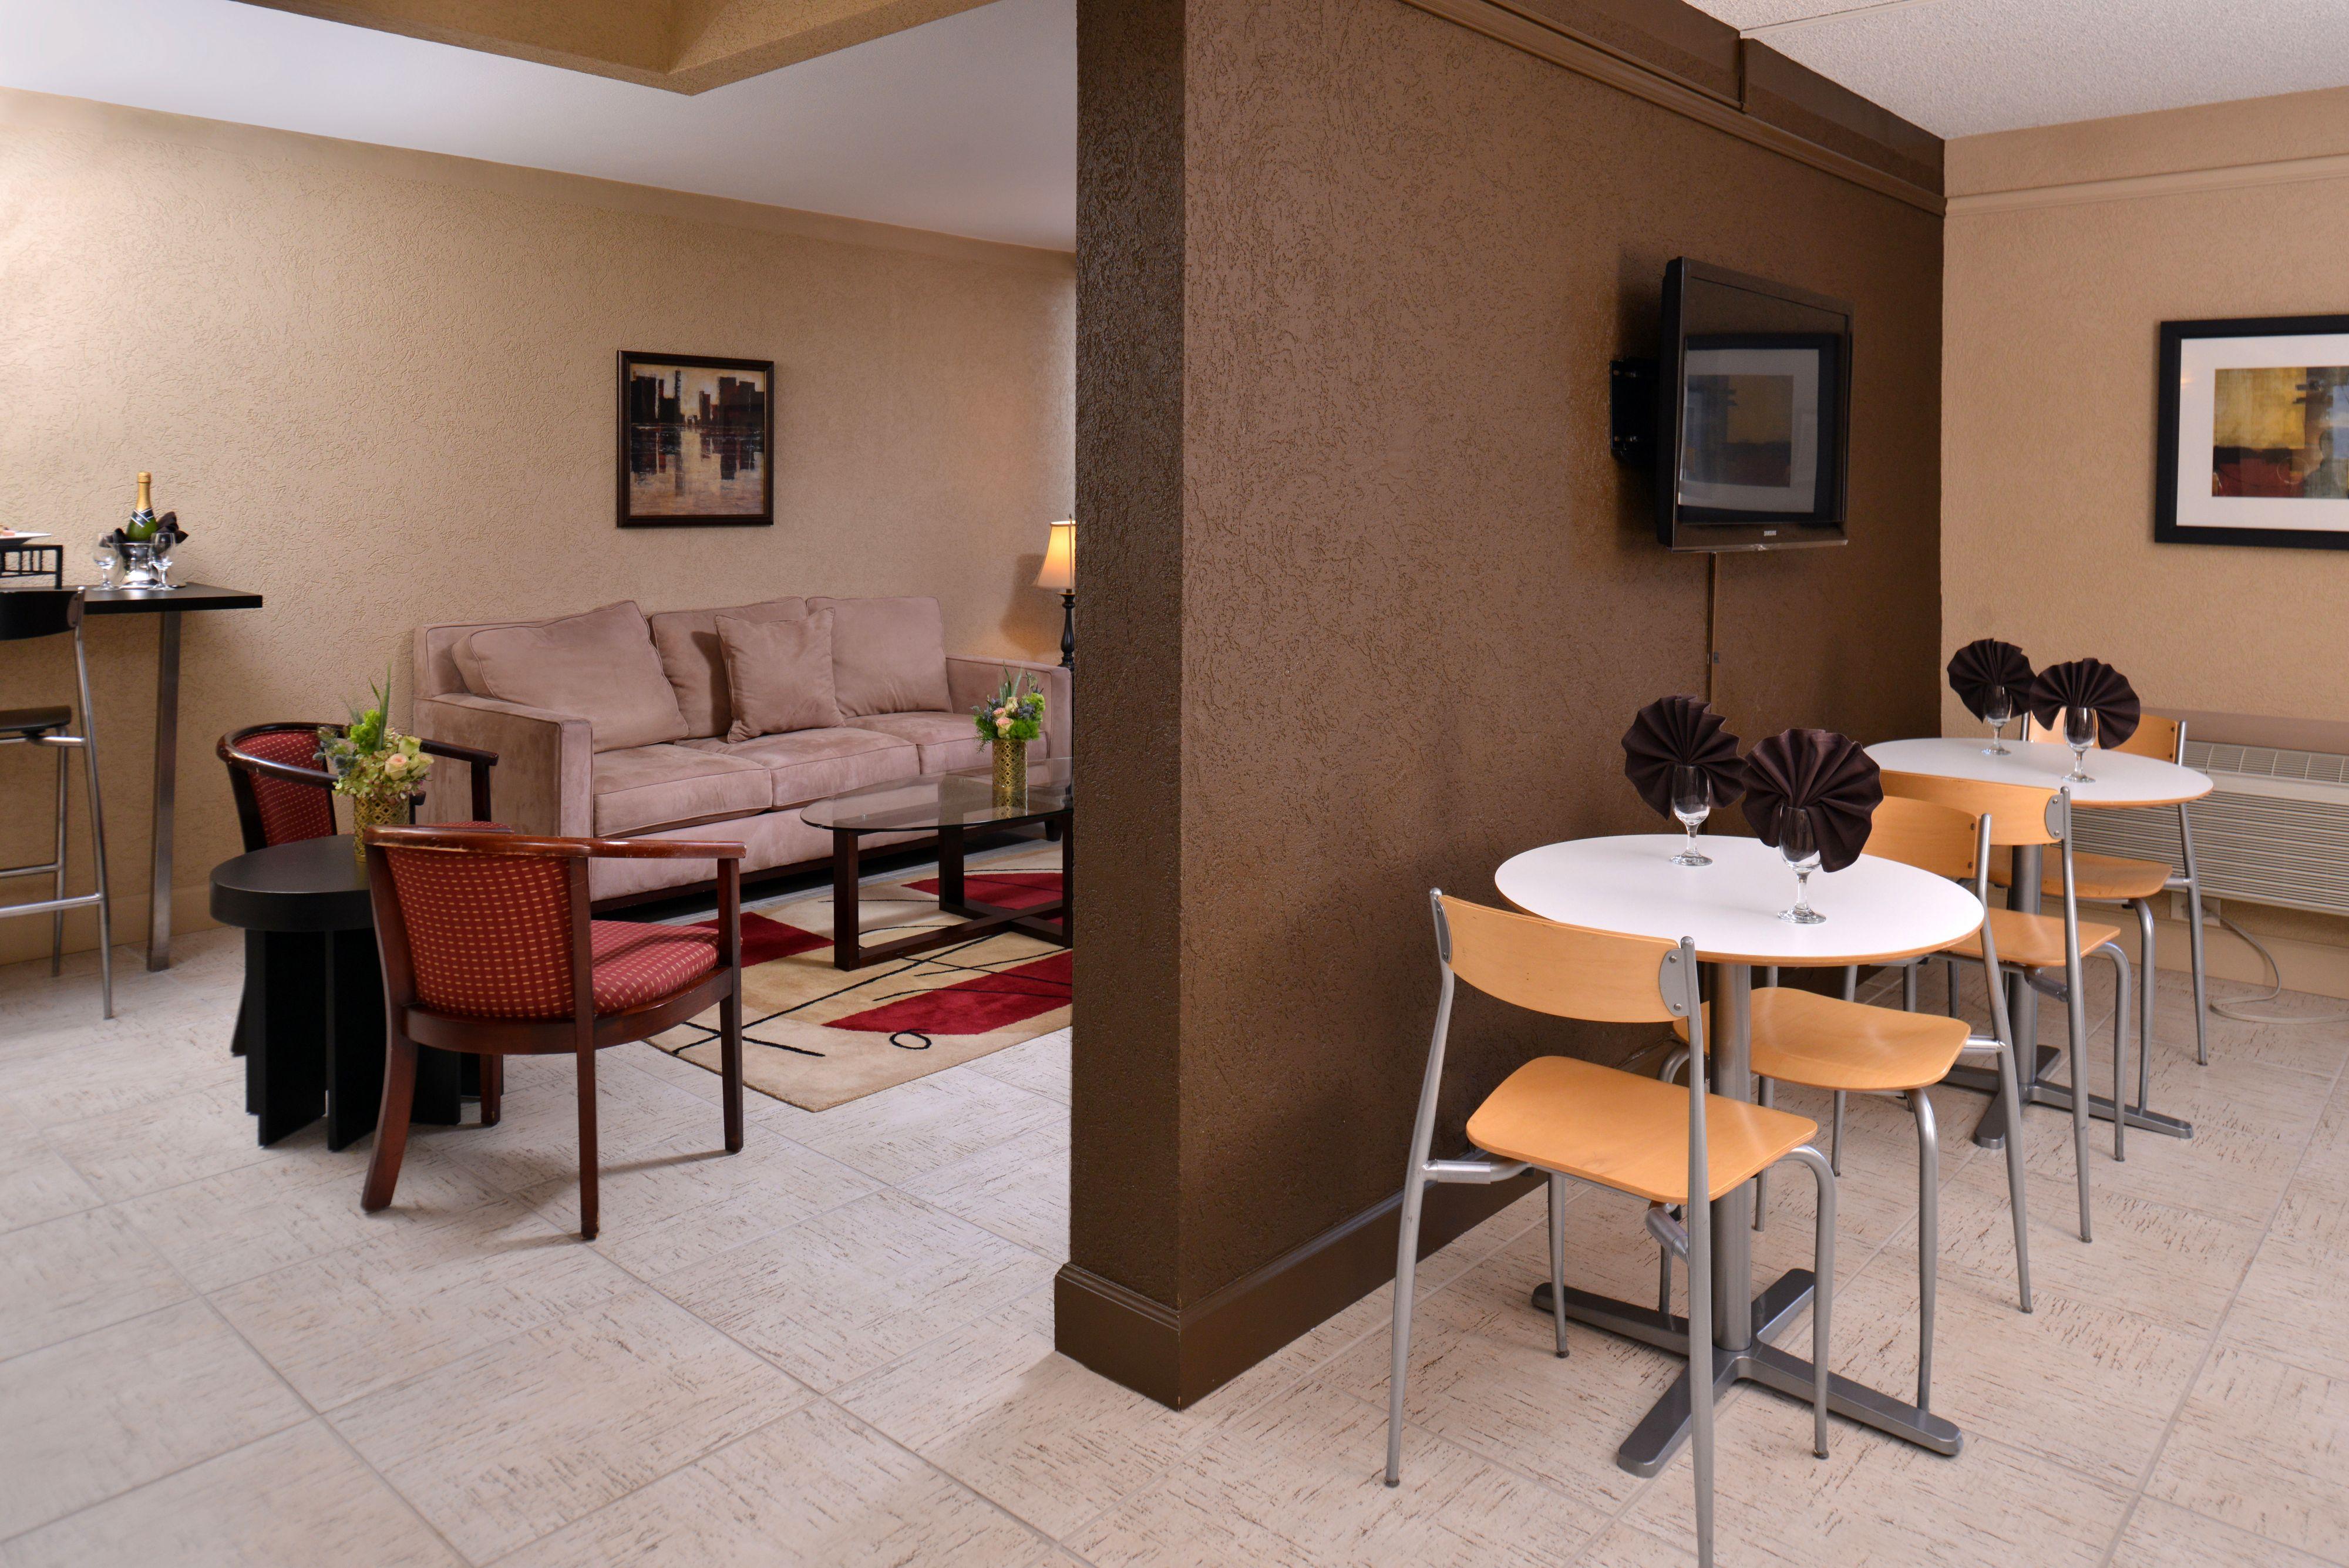 Holiday Inn Portland- I-5 S (Wilsonville) image 9